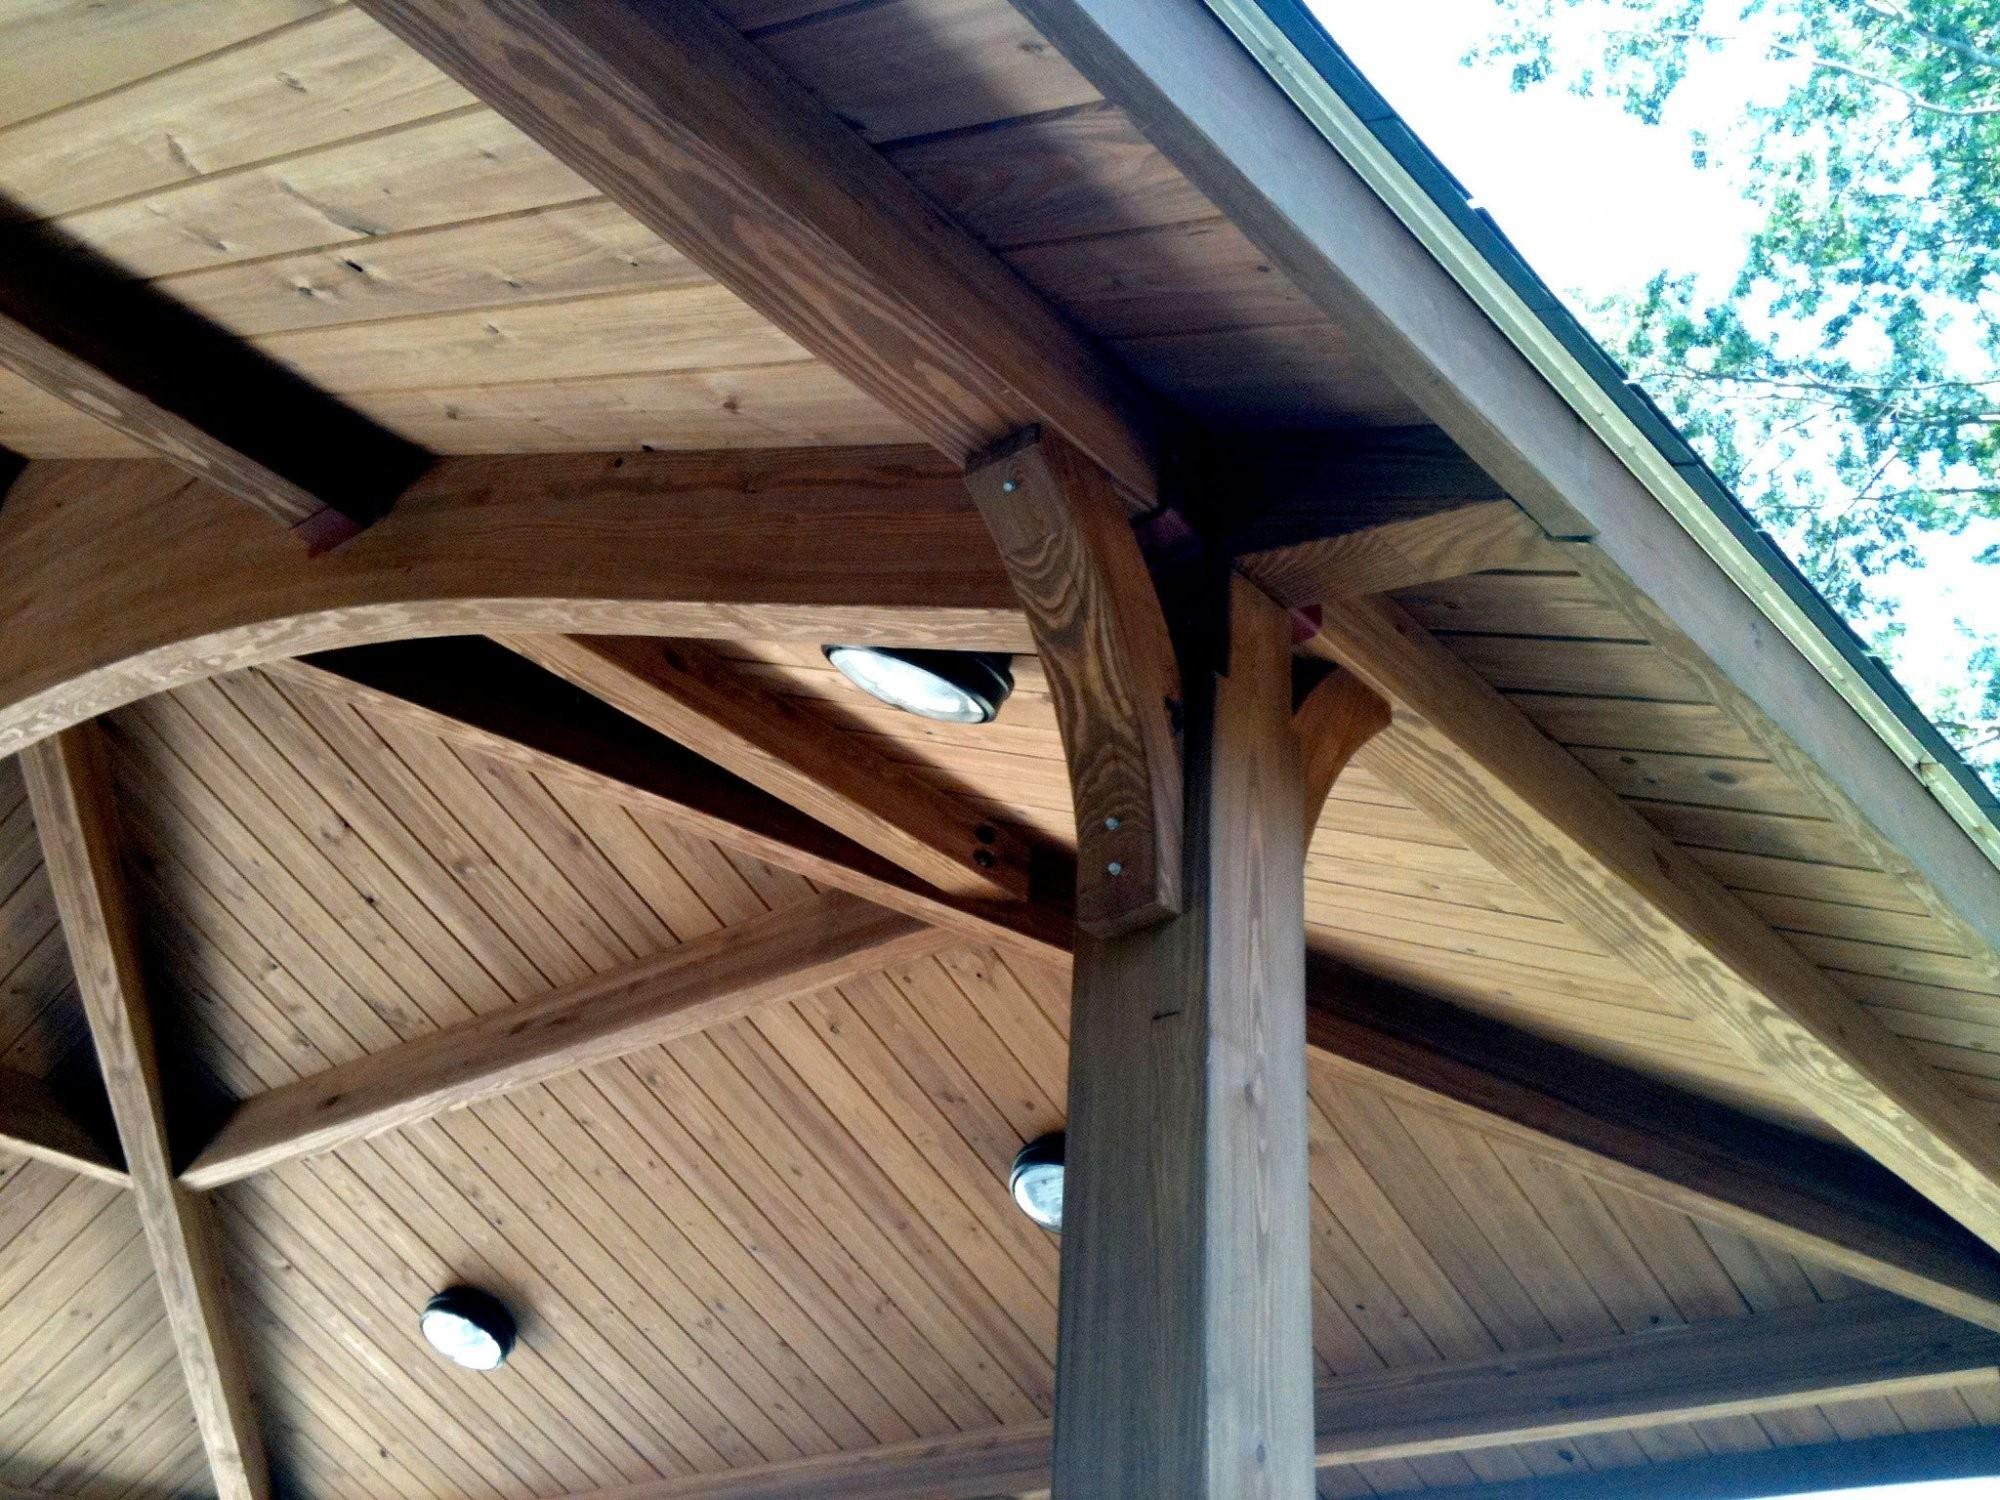 algonquin-park-restoration-gazebo-roof